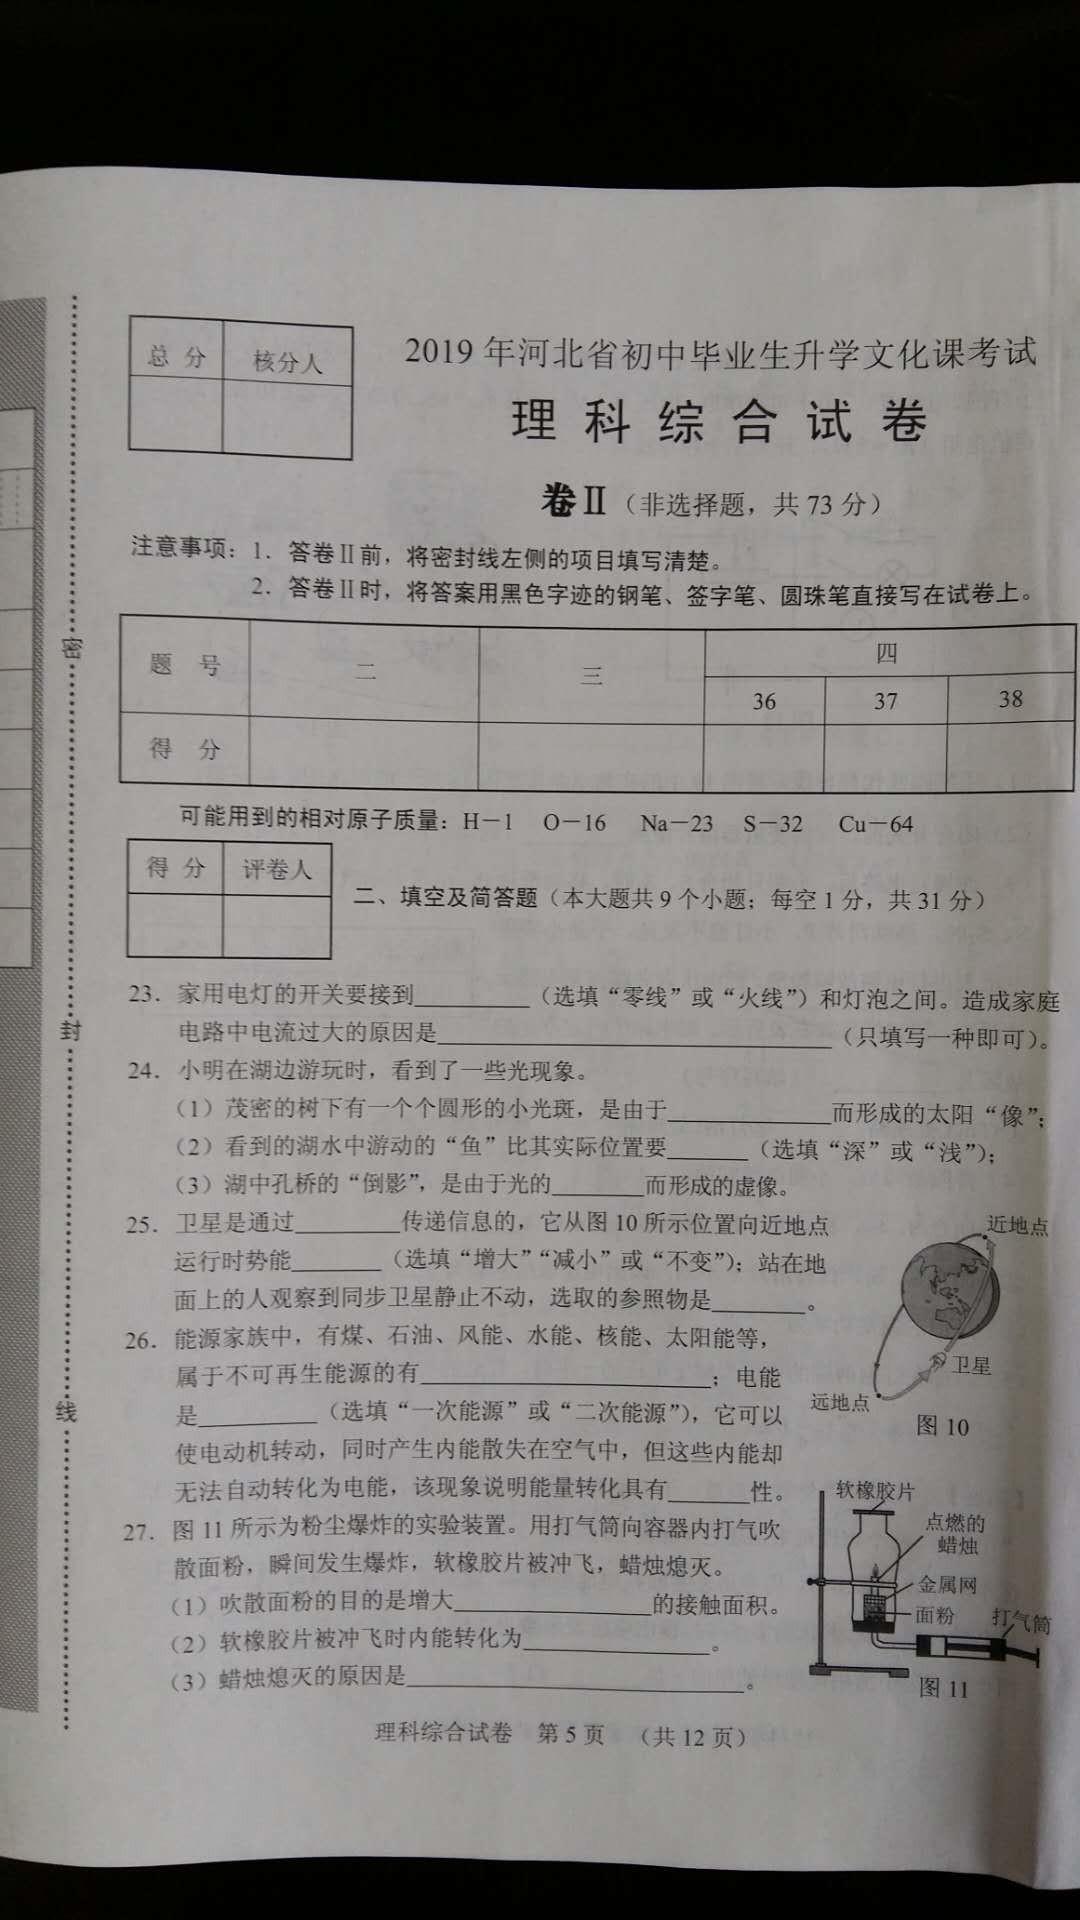 2019河北中考试题及答案